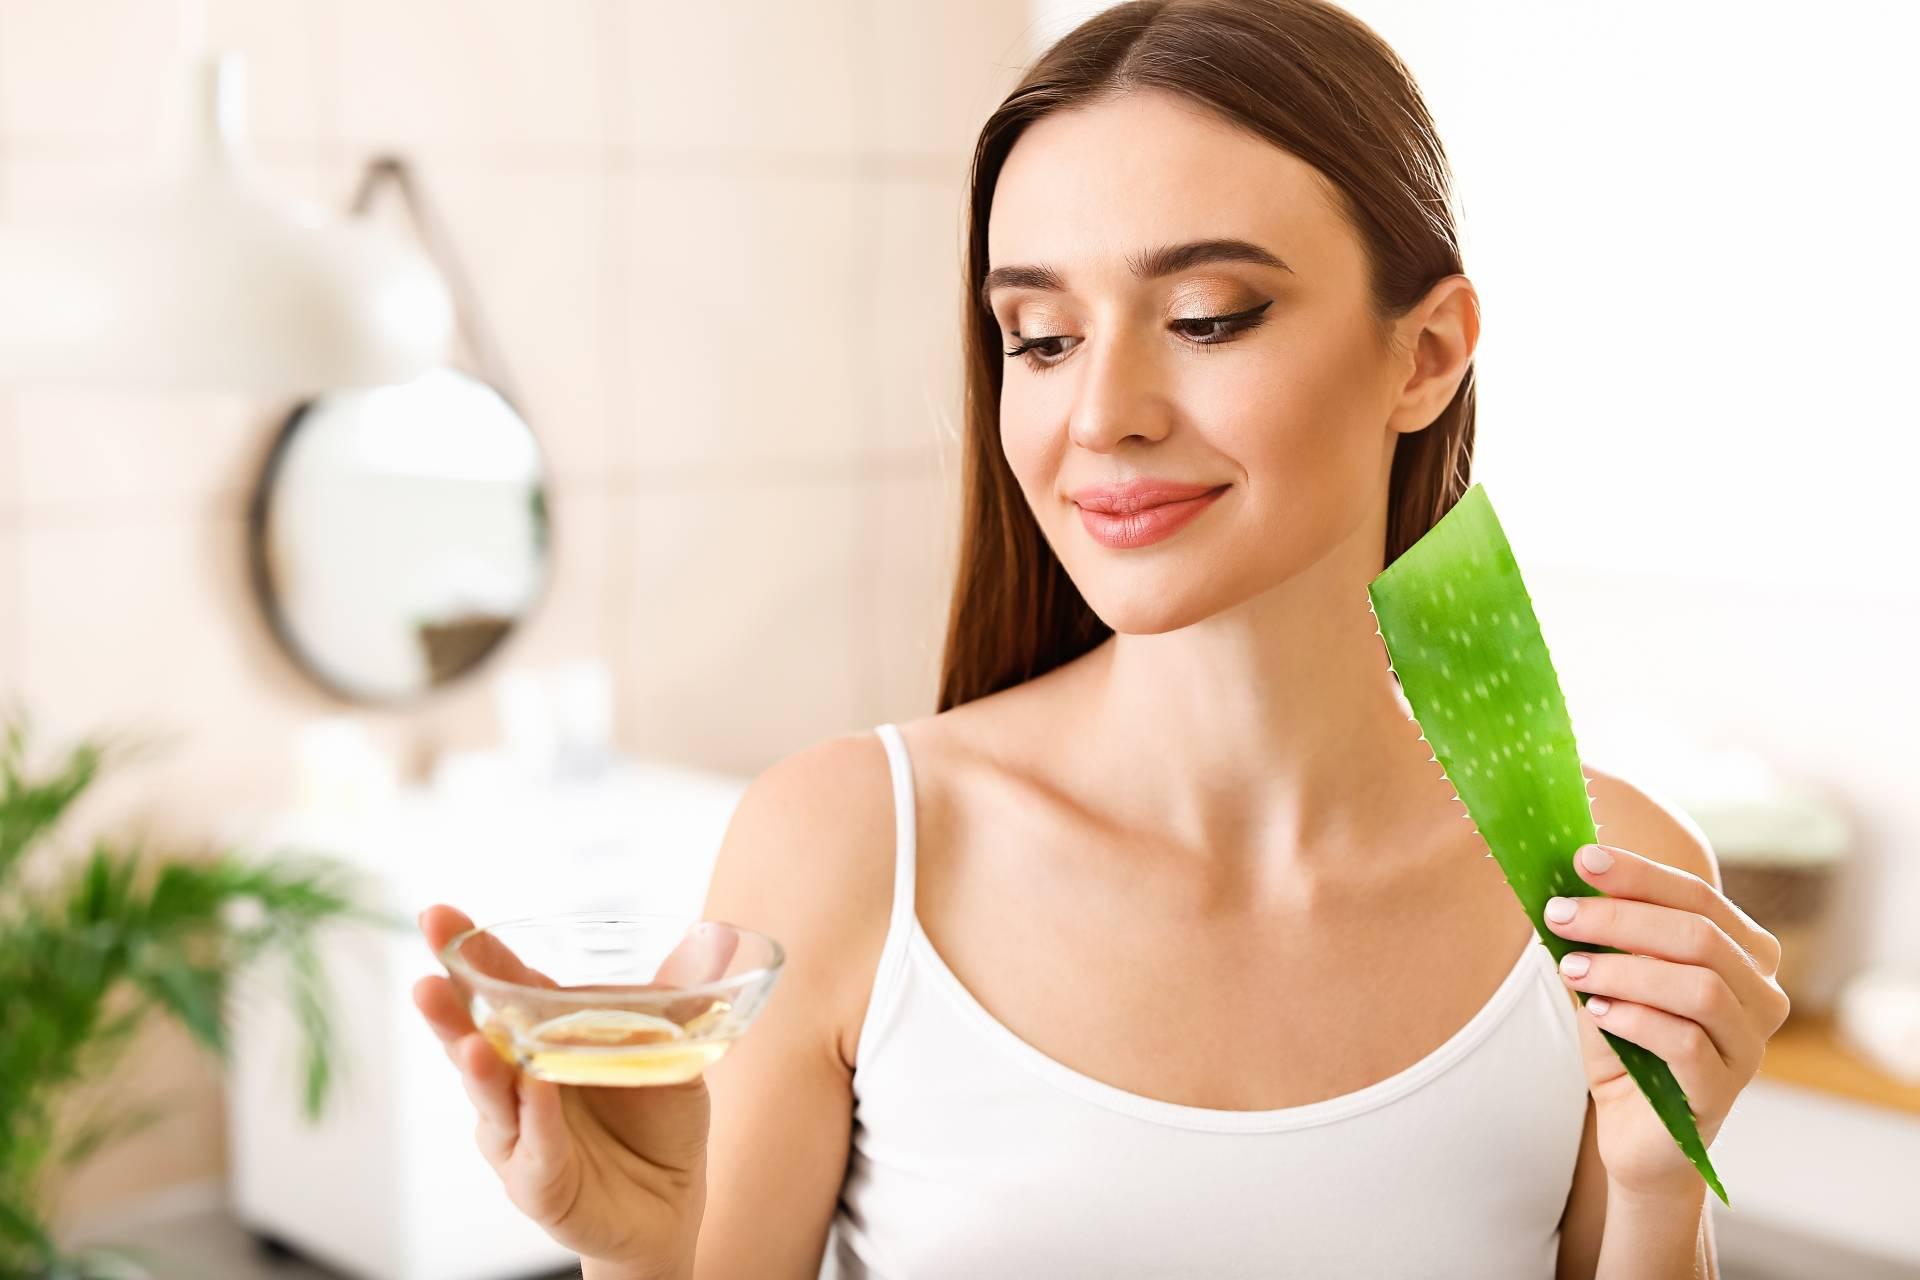 Naturalne kosmetyki do włosów DIY: aloes na włosy. Atrakcyjna kobieta w białym topie stoi w łazience i trzyma w ręku aloes i miseczkę z olejkiem.